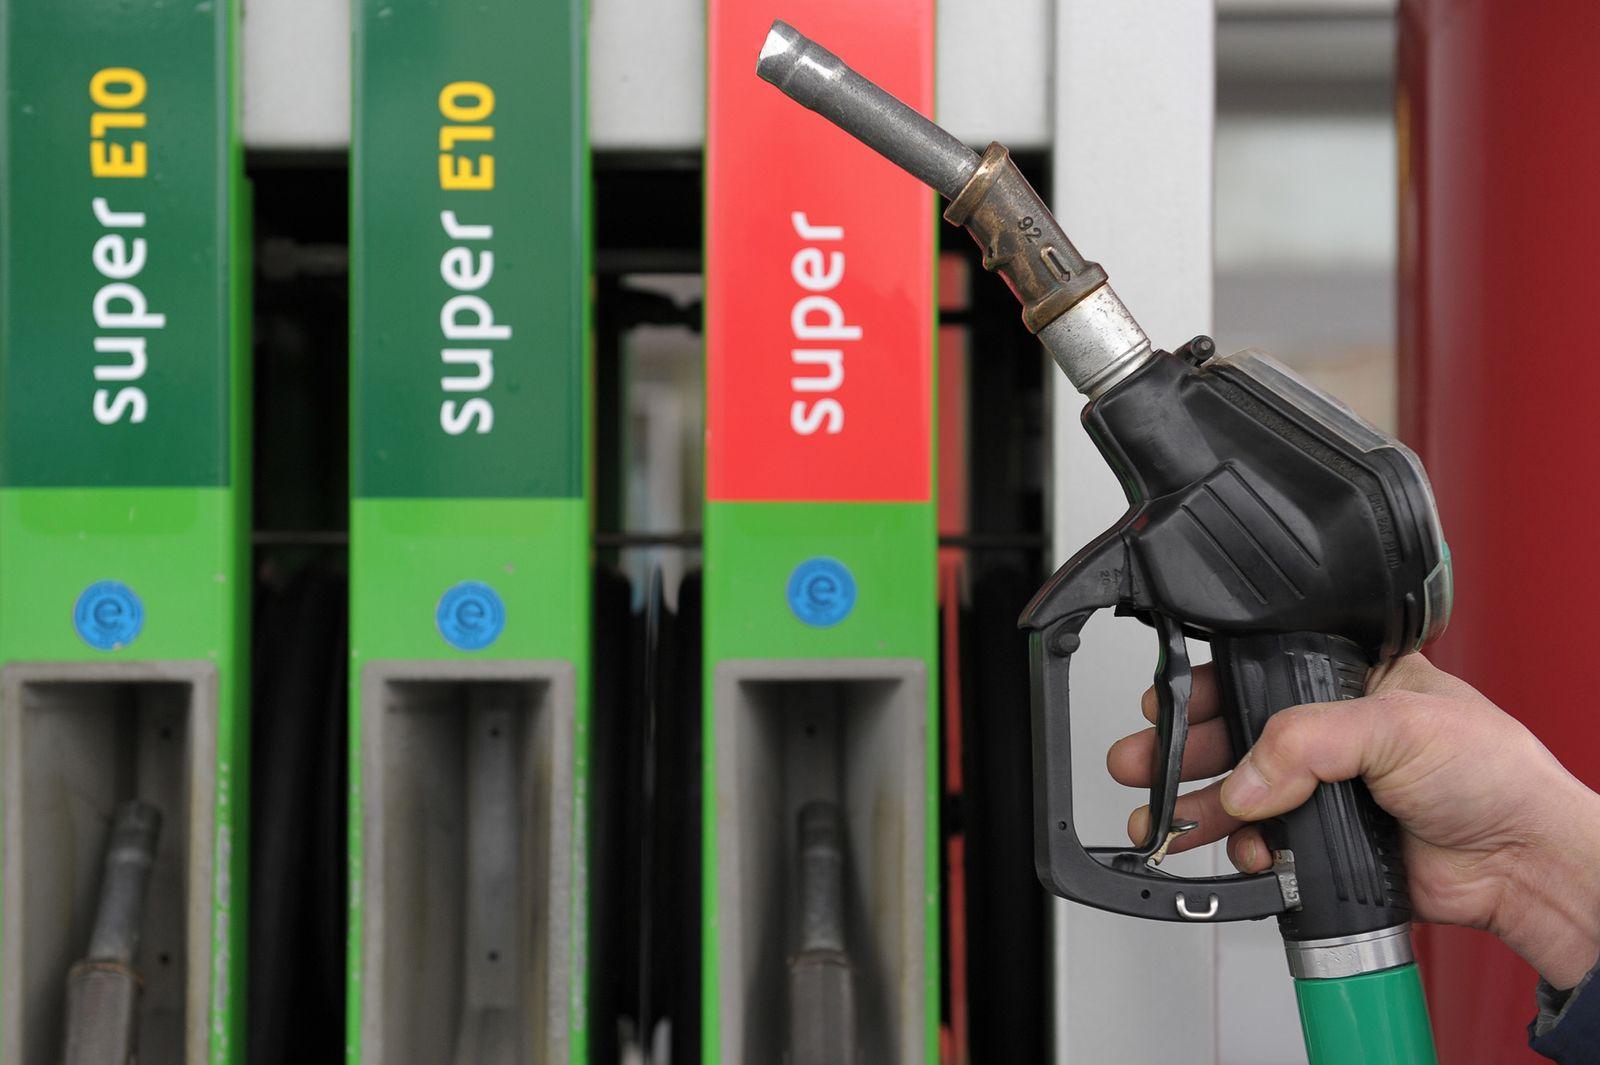 Benzinpreis Spiegel